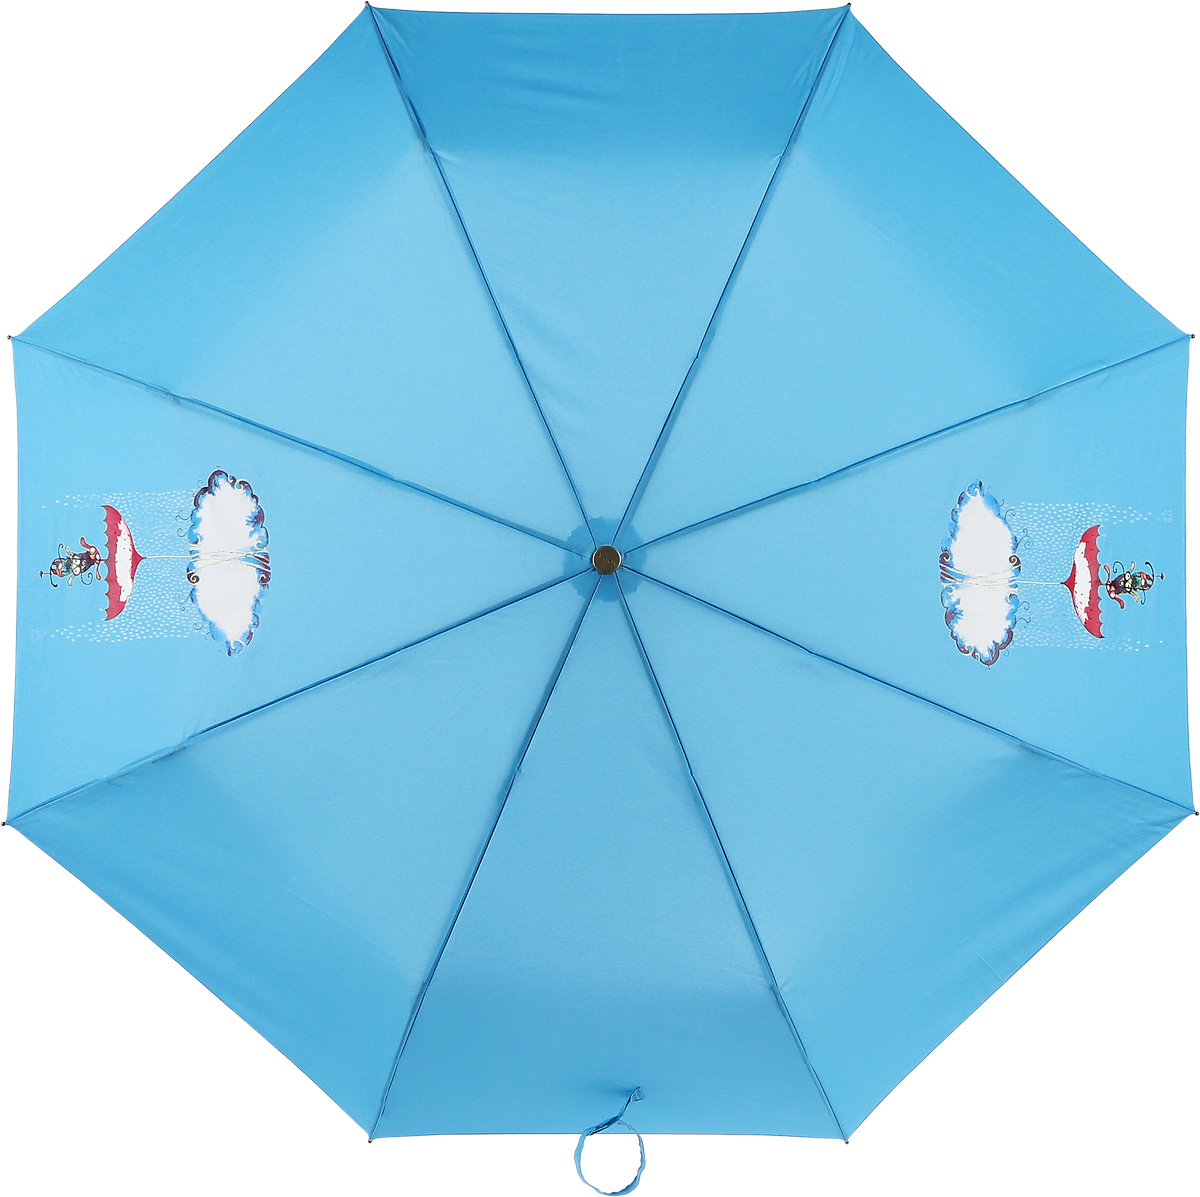 Зонт женский Airton, автомат, 3 сложения, цвет: голубой, красный. 3912-430 зонт airton 3917 8028 полный автомат женский